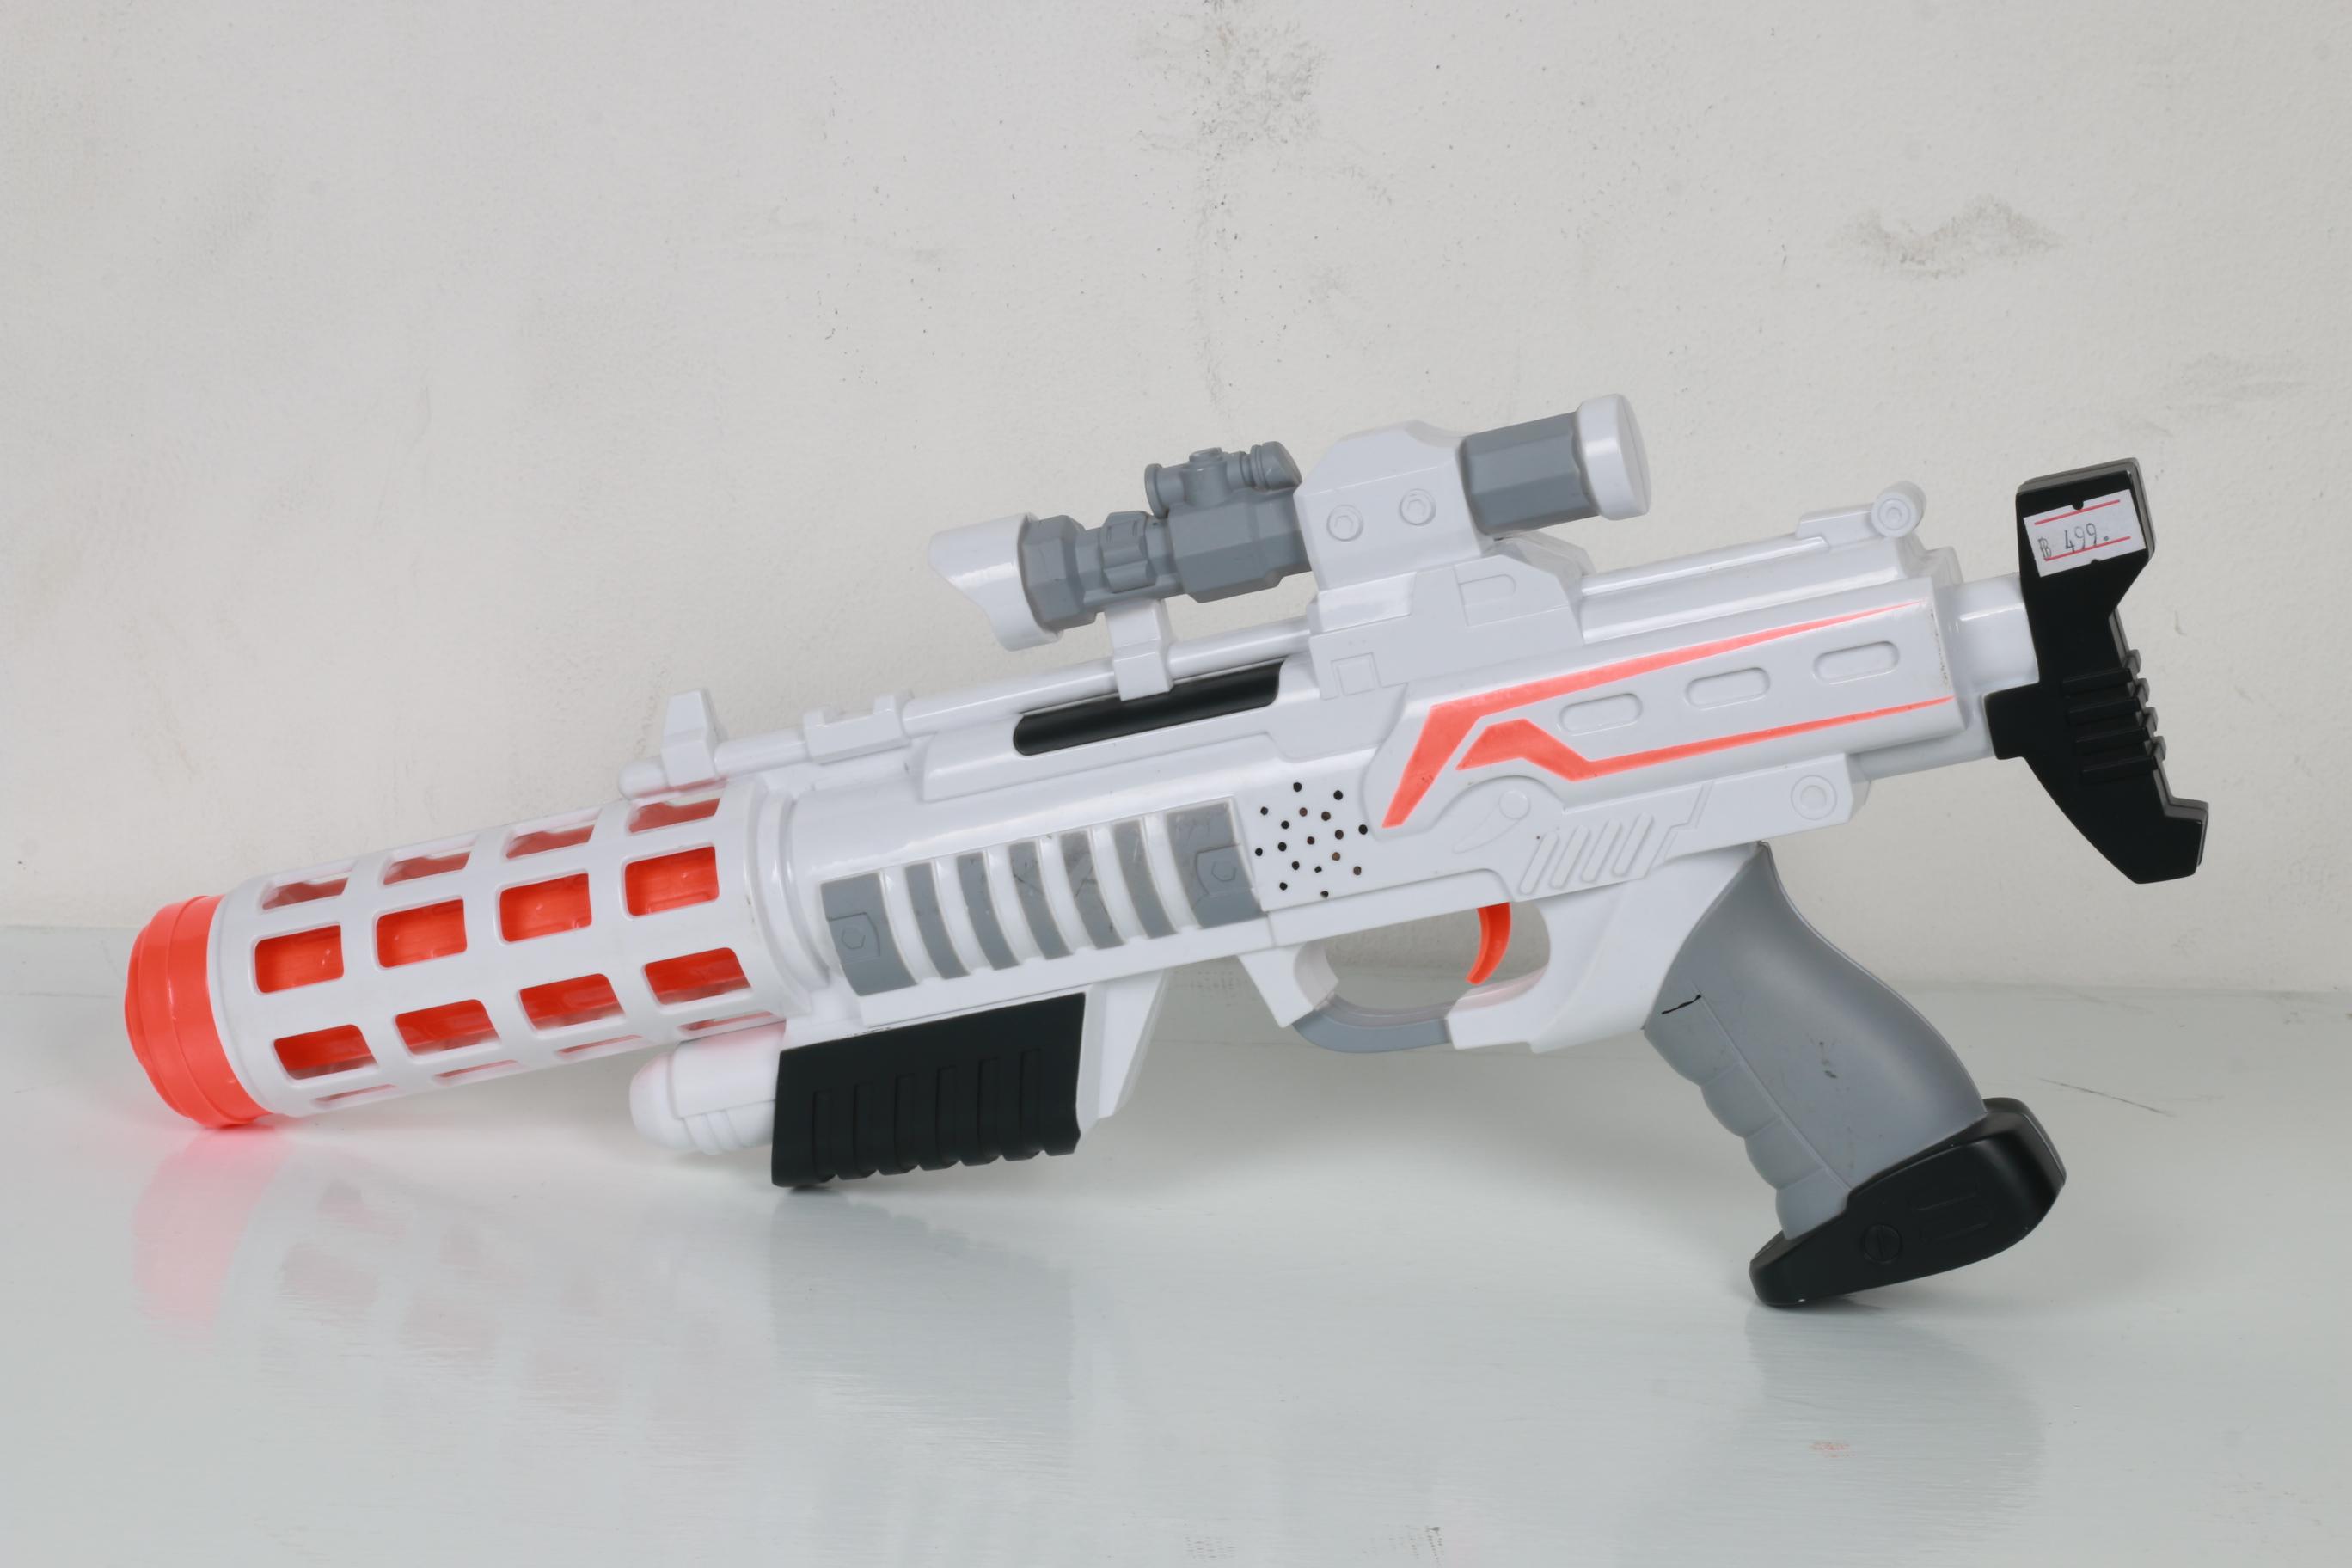 ปืน Guardian gun ปืนไฟของเล่นมีไฟมีเสียง สำหรับเด็ก